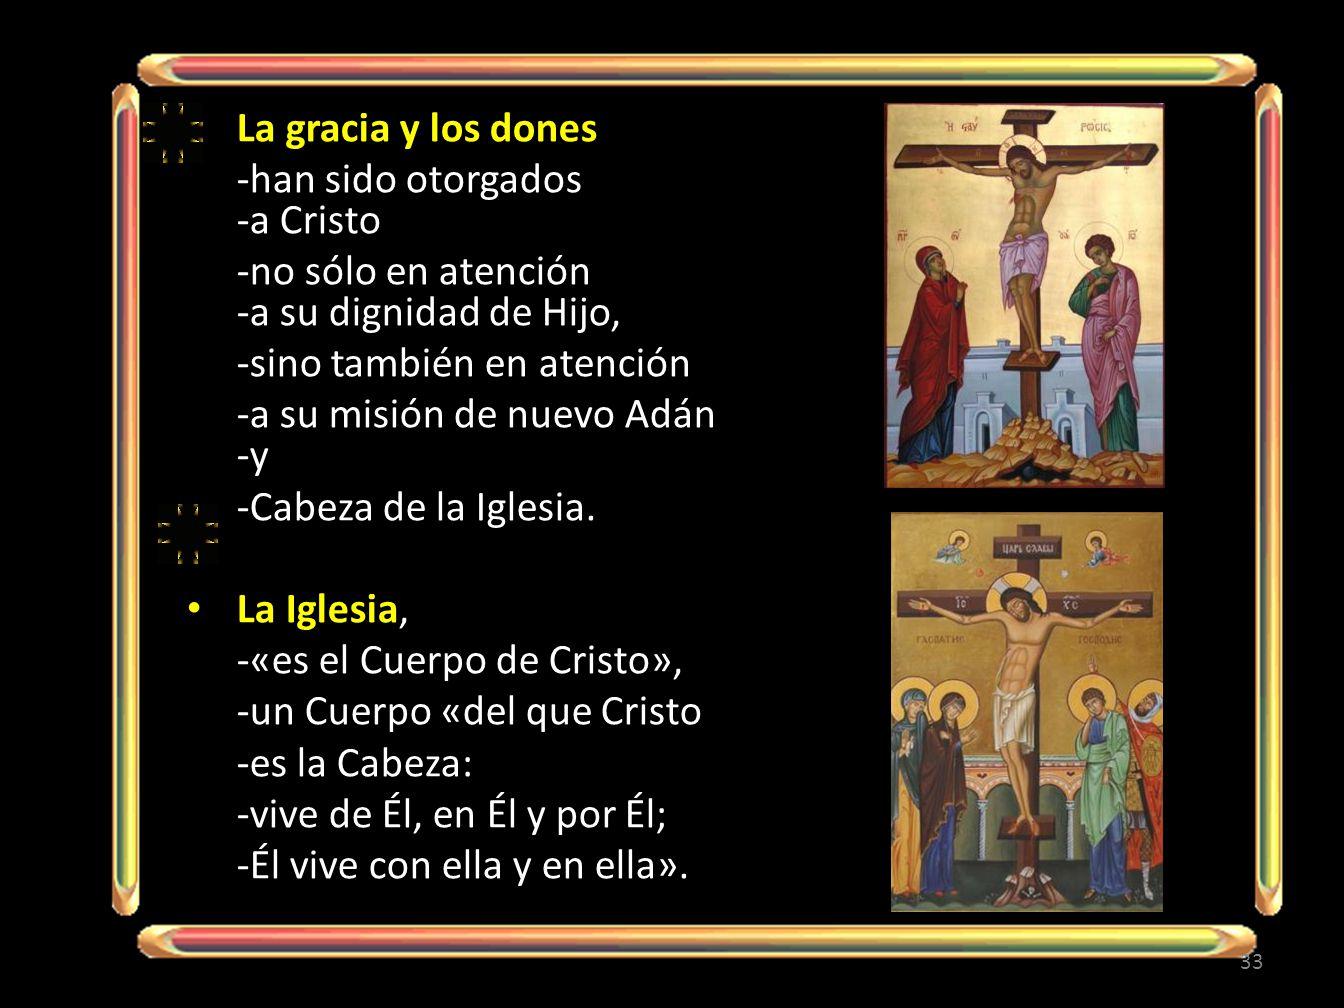 La gracia y los dones -han sido otorgados -a Cristo -no sólo en atención -a su dignidad de Hijo, -sino también en atención -a su misión de nuevo Adán